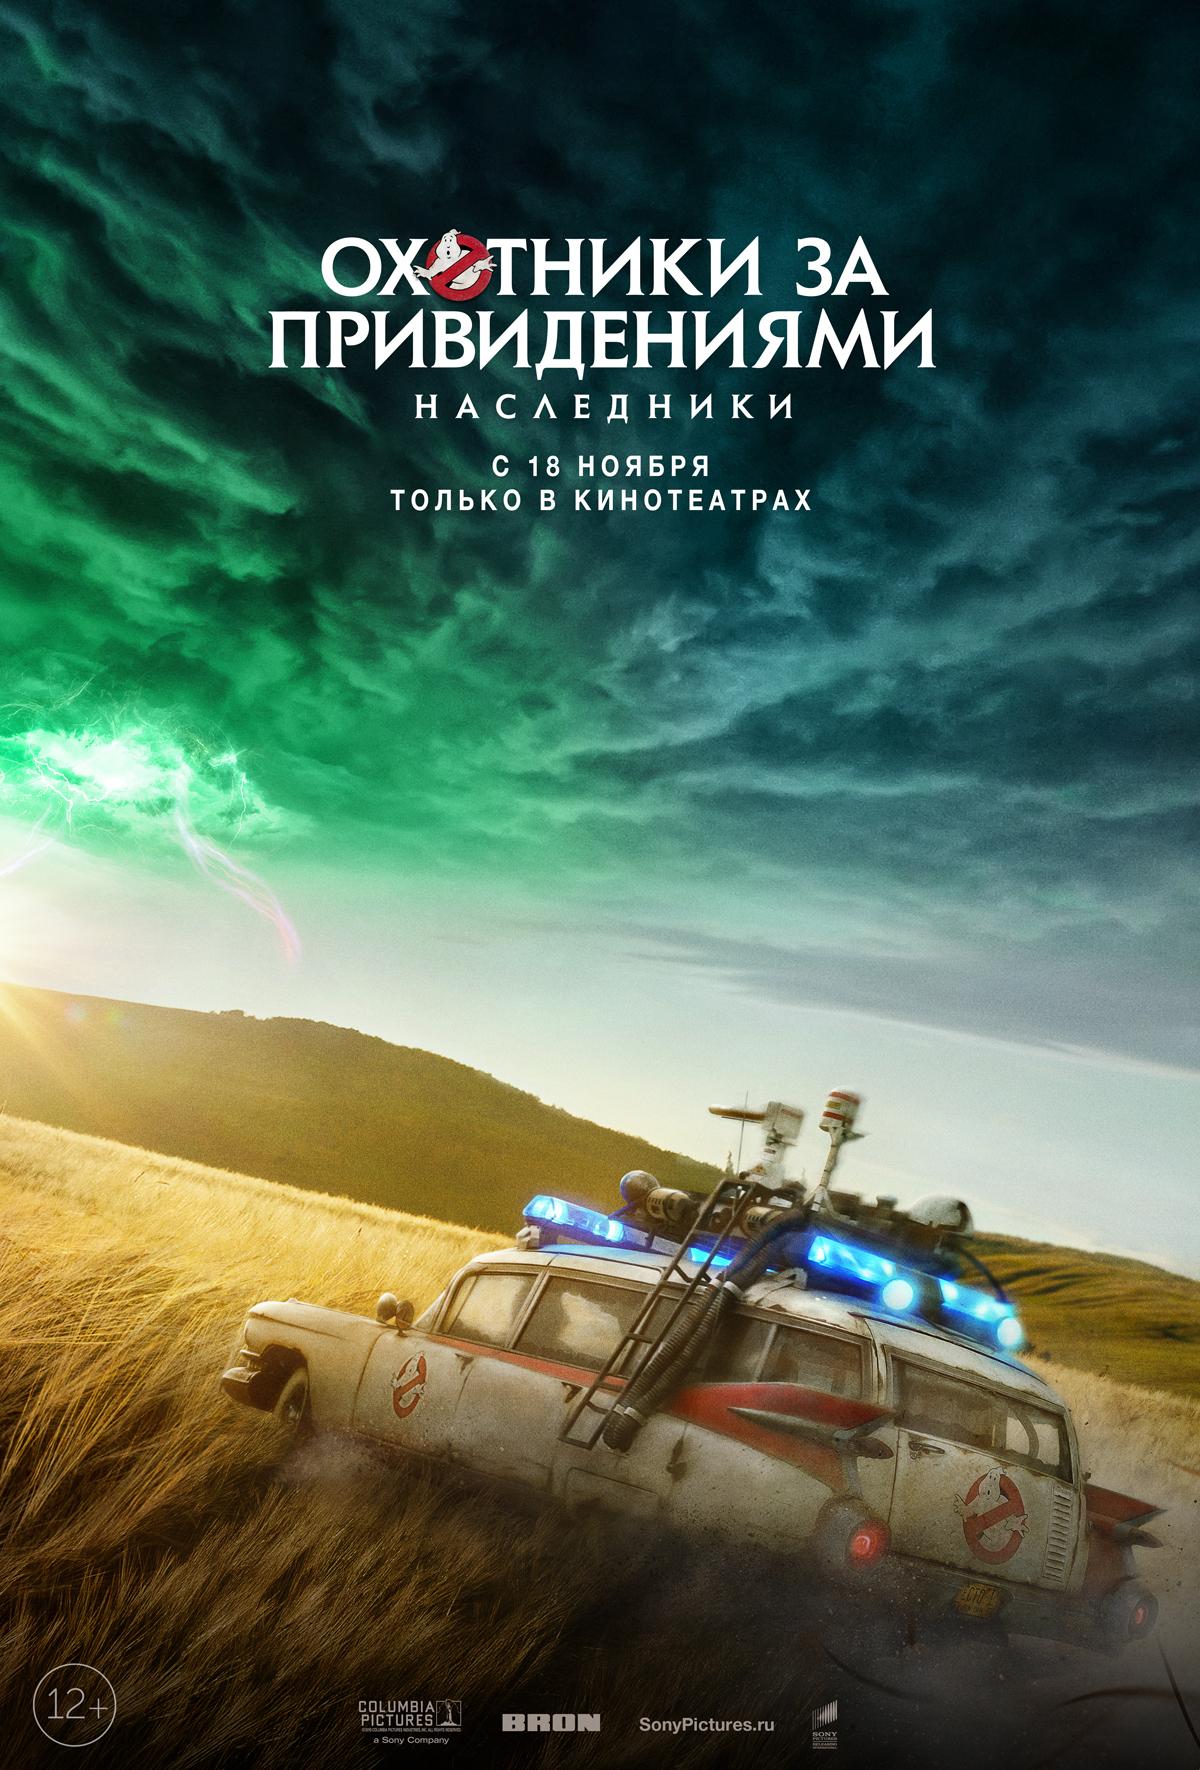 Российскую премьеру «Охотников за привидениями: Наследники» перенесли на неделю позже